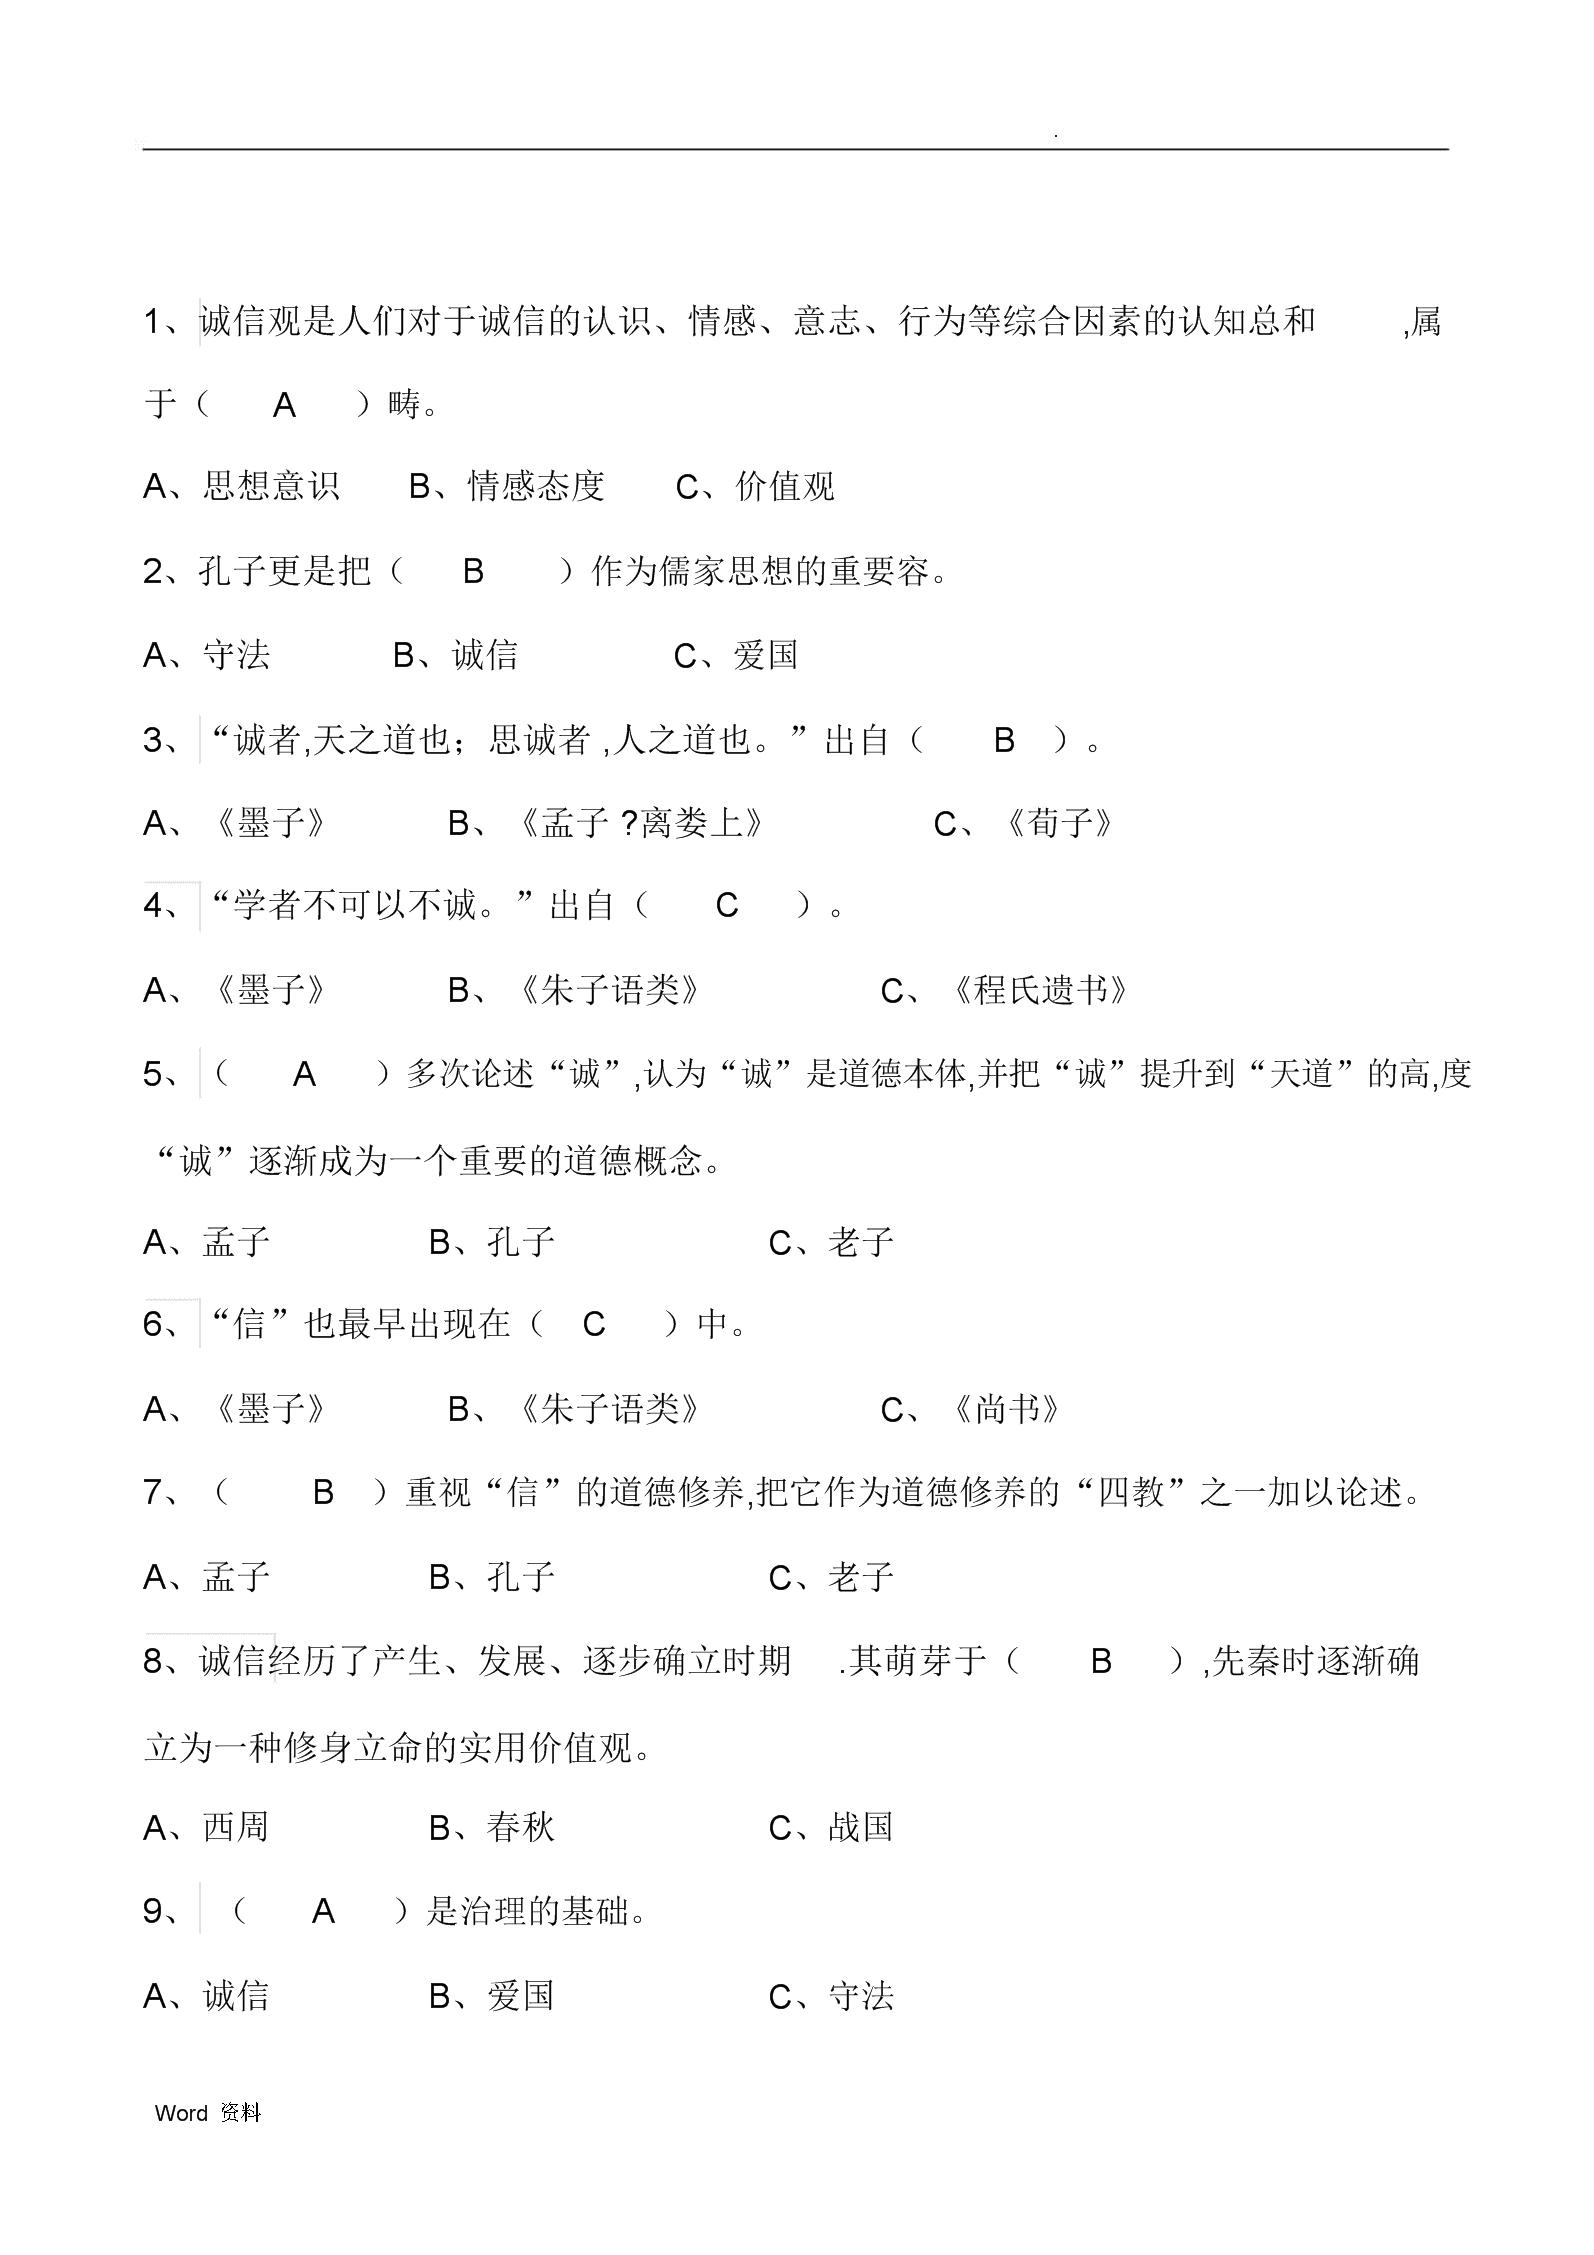 专业技术人员继续教育《诚信建设题库及答案》.doc